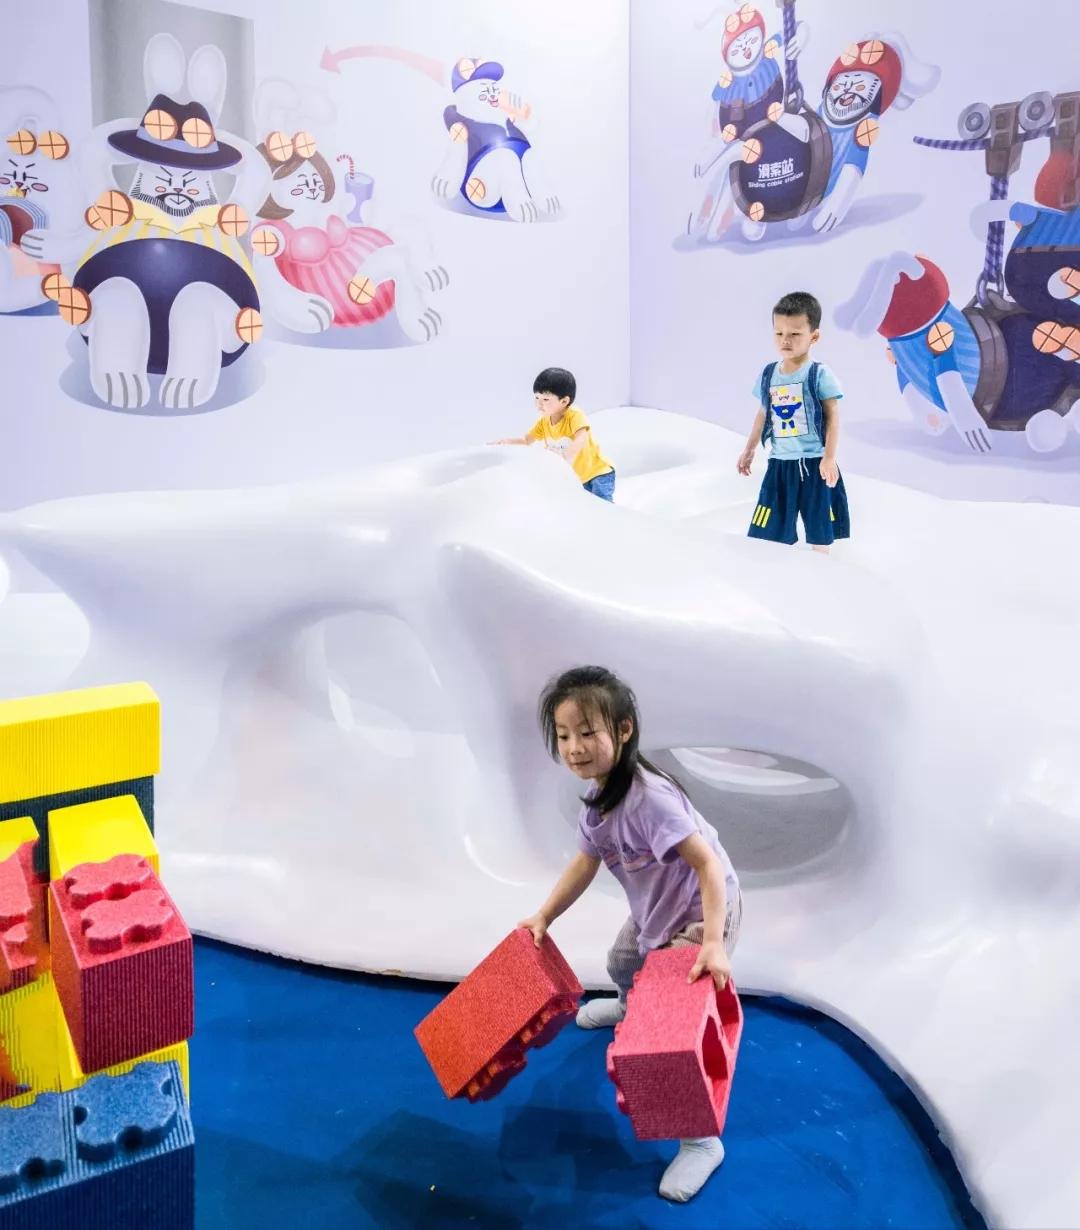 洛嘉梦工场品牌发布:洛嘉工业设计、产品研发及制作中心